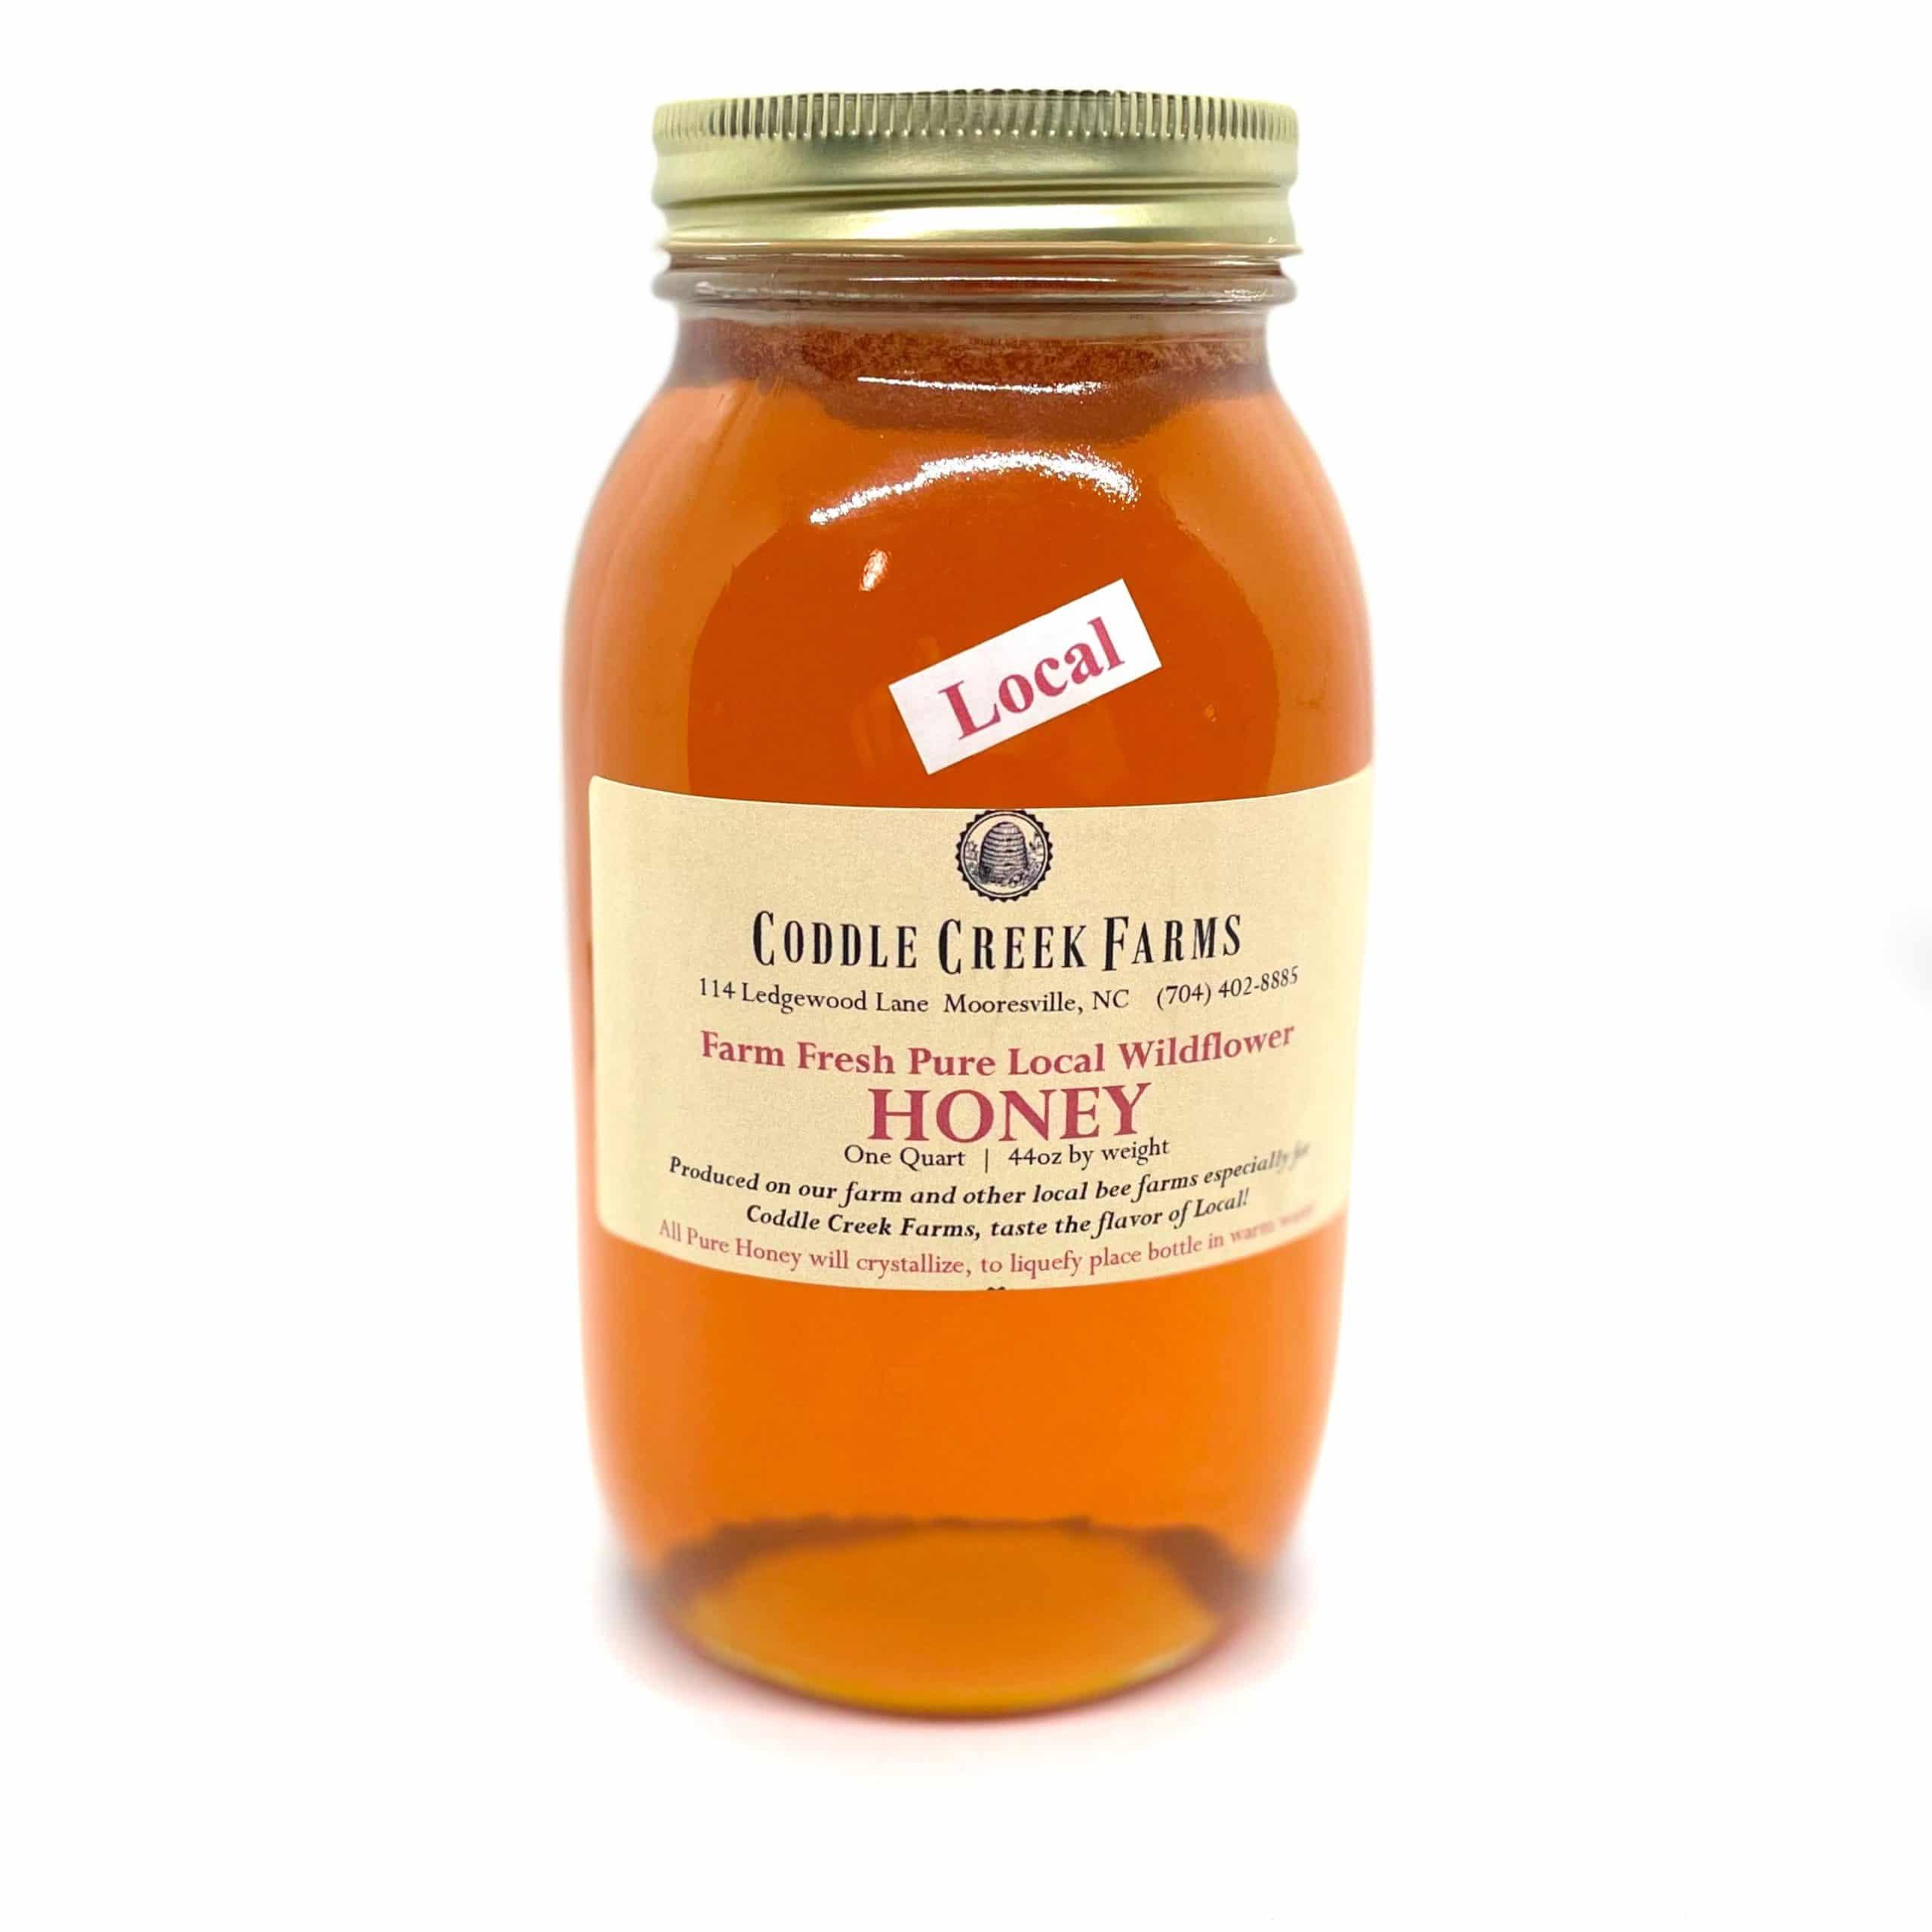 44oz glass honey